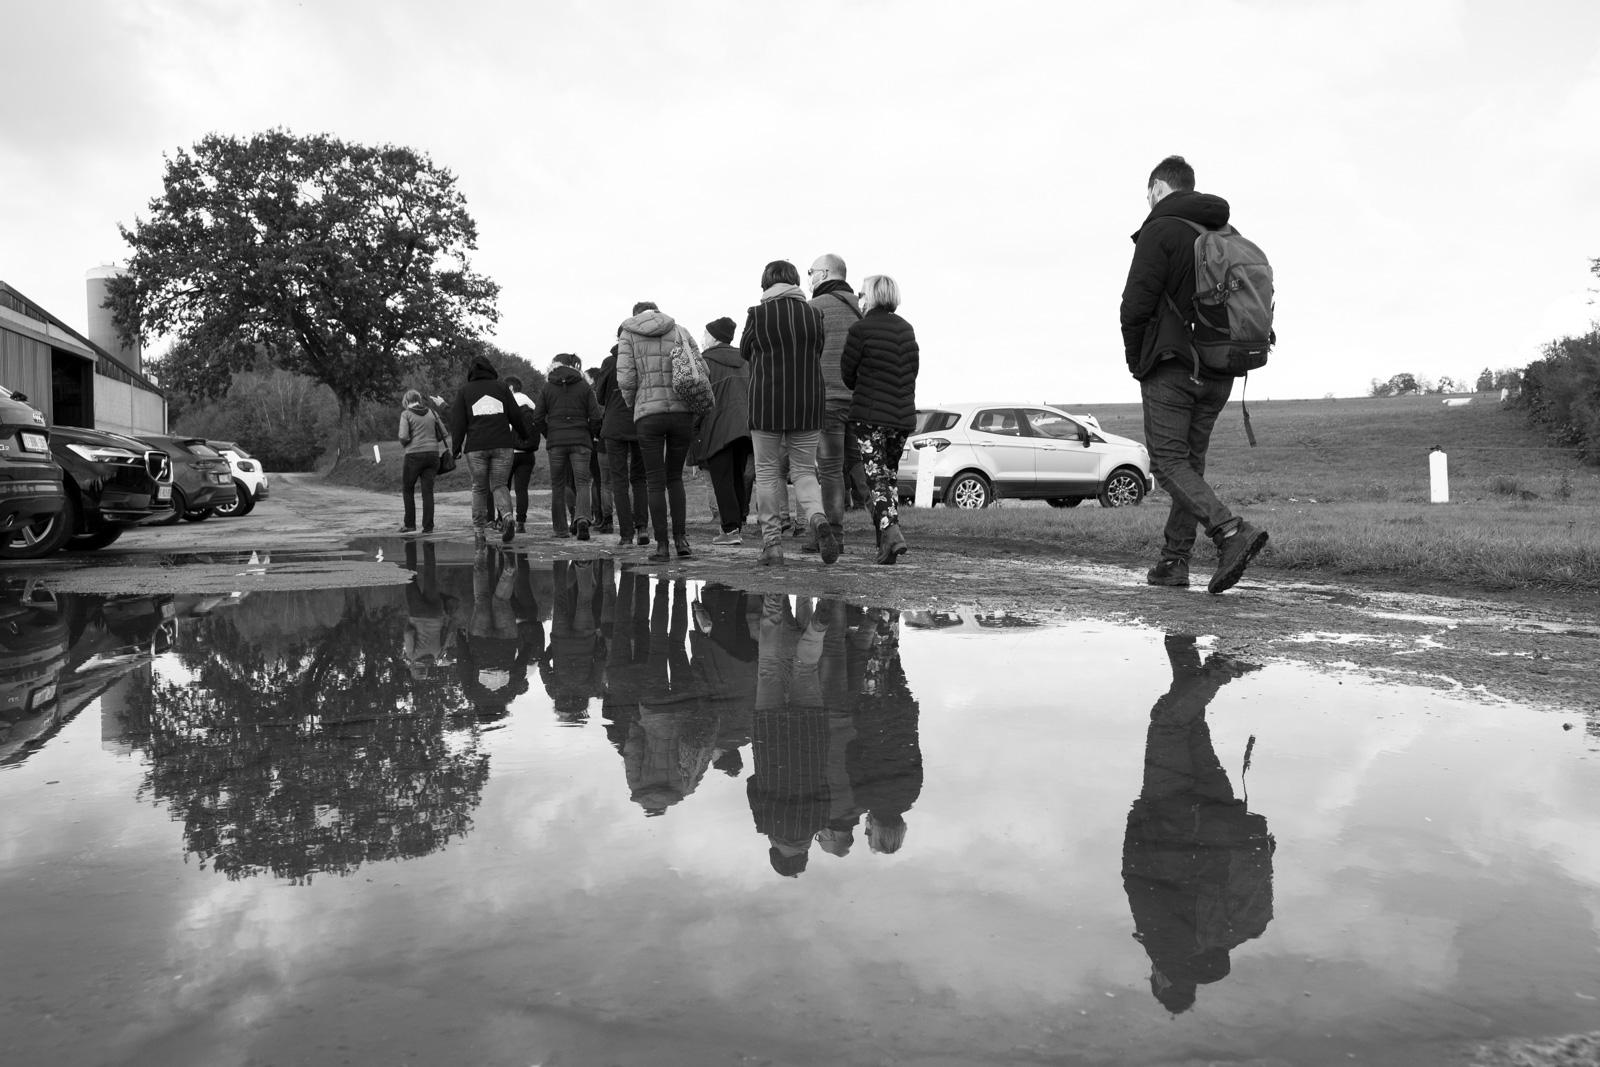 AGRICULTURE_SOCIALE_Visite_de_ferme_La_Ferme_du_Pachis